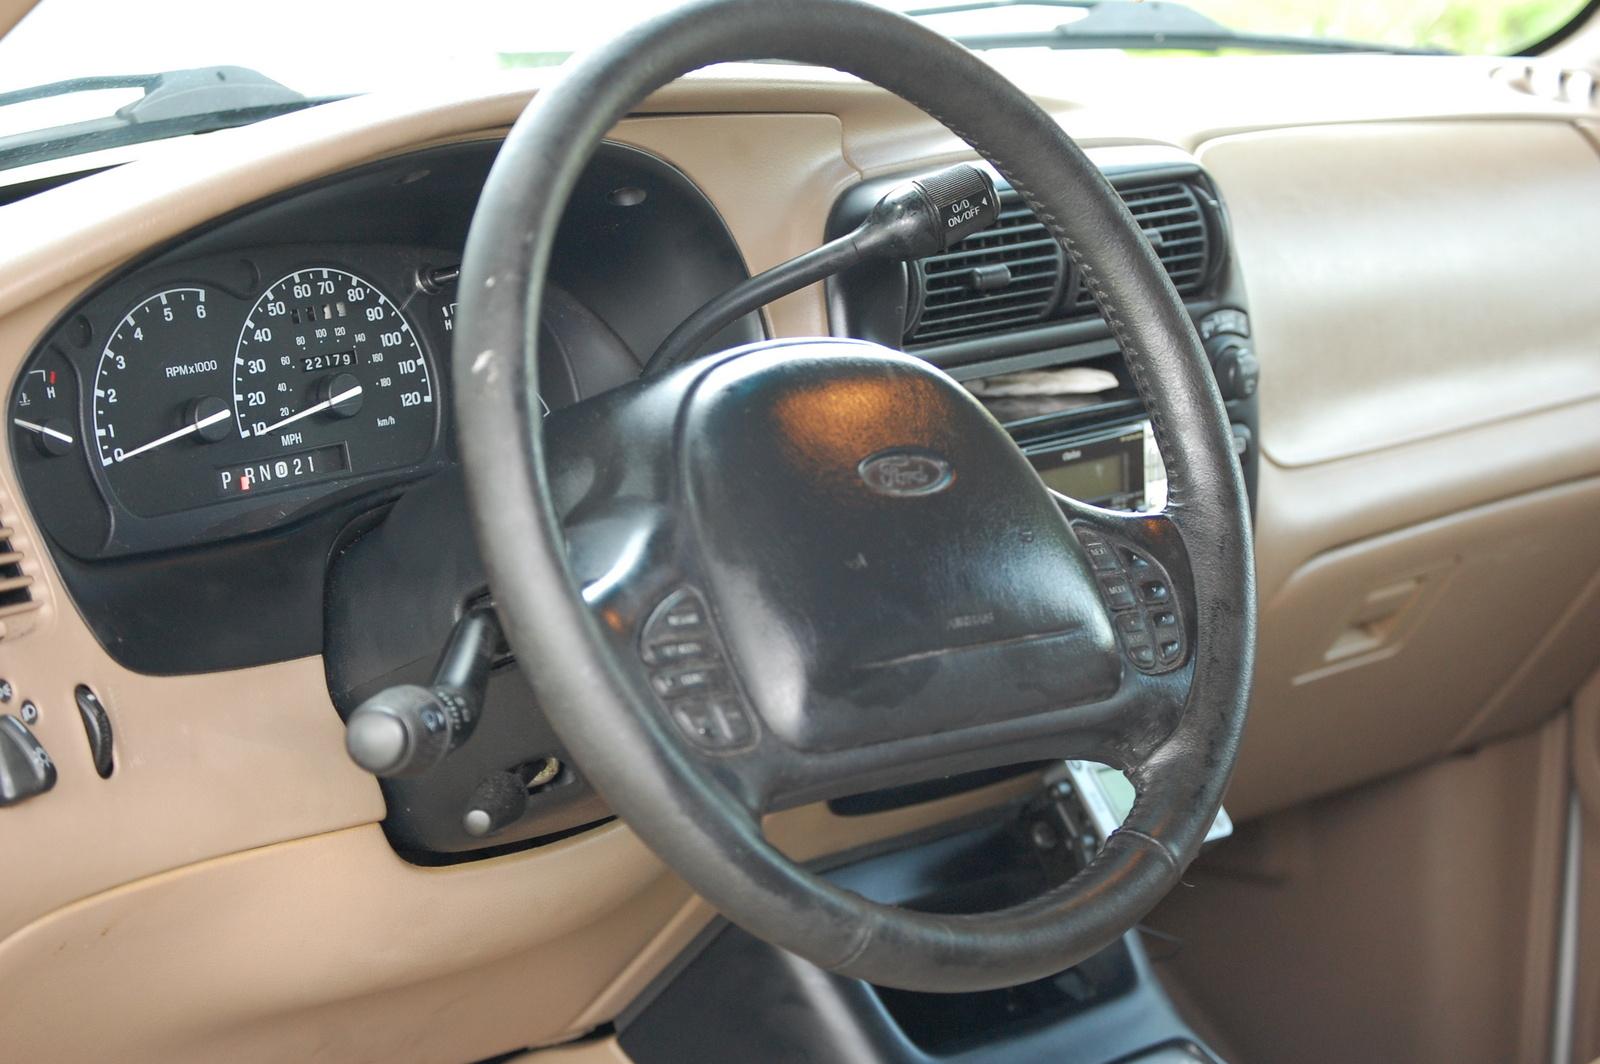 1999 Ford Explorer Interior Pictures Cargurus